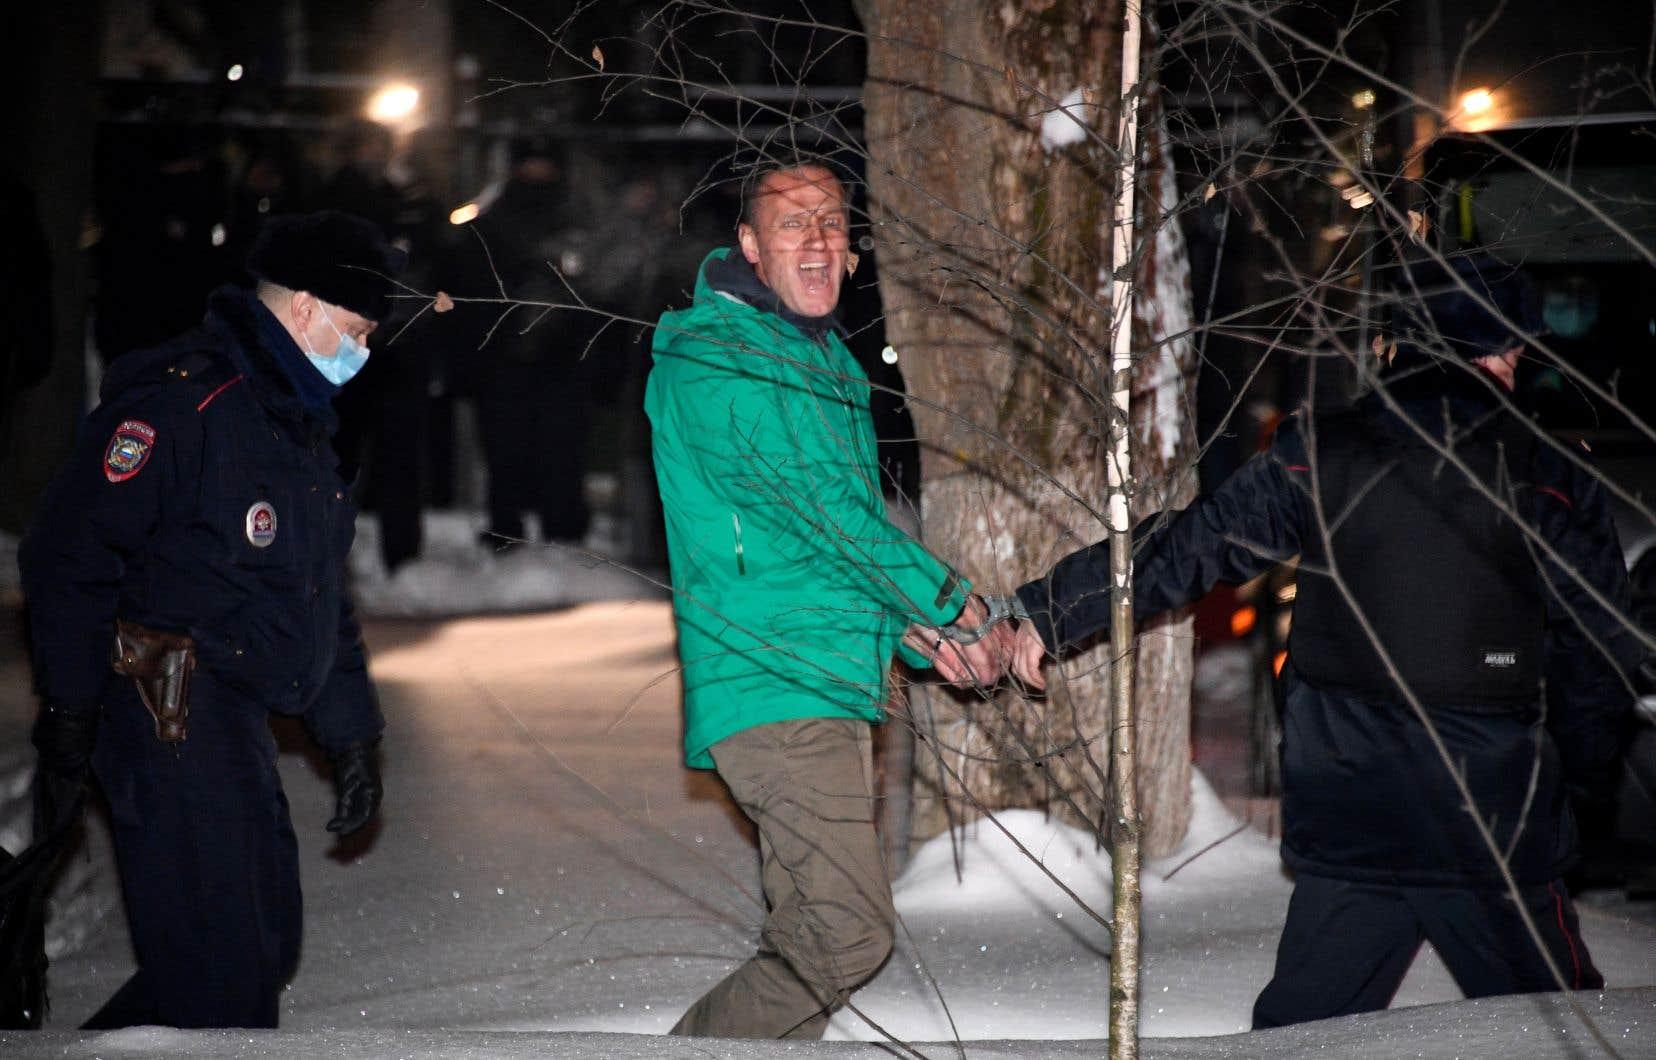 Alexeï Navalny, photographié ici le 18 janvier, a riposté à son arrestation par un appel à manifester.